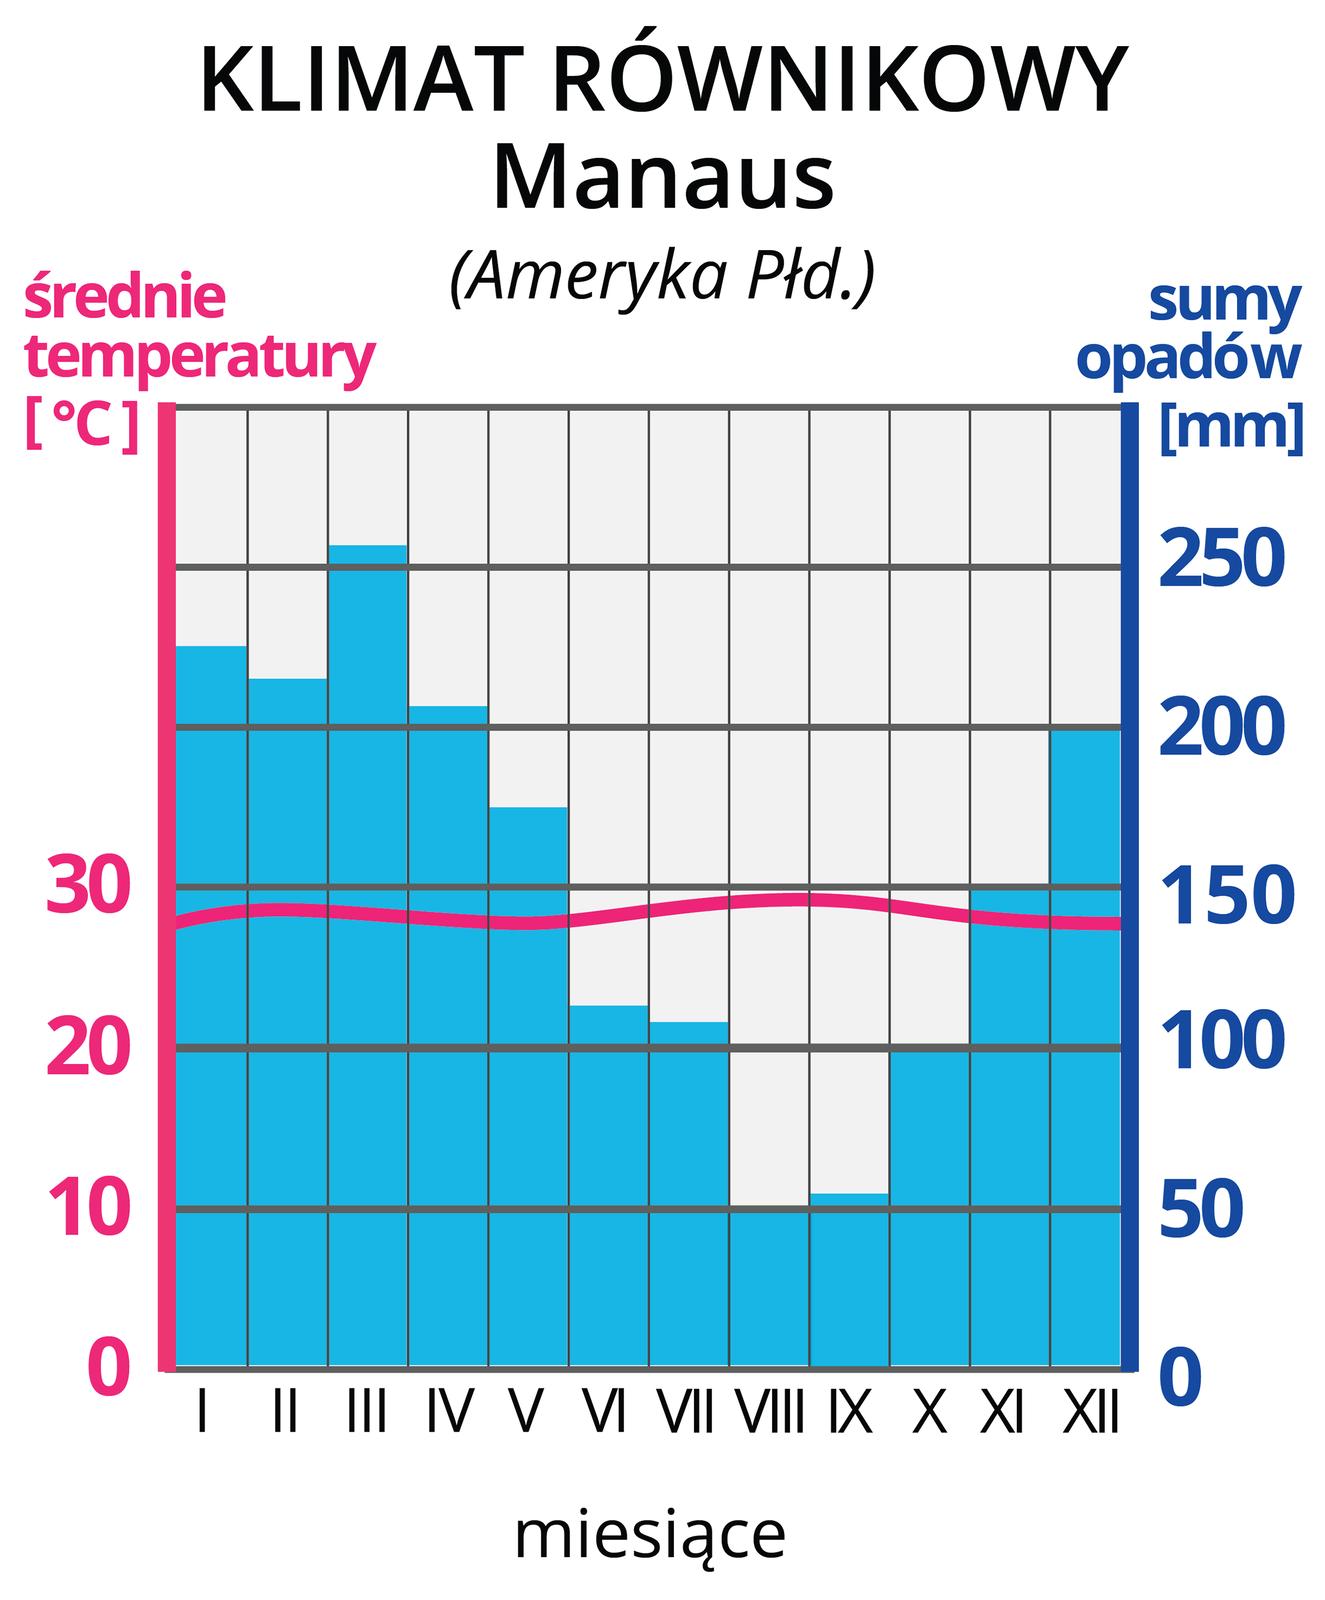 Ilustracja prezentuje wykres – klimatogram, klimatu równikowego zManaus wAmeryce Południowej. Na lewej osi wykresu wyskalowano średnie temperatury wOC, na prawej osi wykresu wyskalowano sumy opadów wmm. Na osi poziomej zaznaczono cyframi rzymskimi kolejne miesiące. Czerwona pozioma linia na wykresie, to średnie temperatury wposzczególnych miesiącach. Tutaj na wysokości około 29 OC. Niebieskie słupki, to wysokości sum opadów wposzczególnych miesiącach. Najwyższe , powyżej 200 mm, wmiesiącach grudzień-maj. Najniższe opady, poniżej 100 mm, czerwiec-październik.